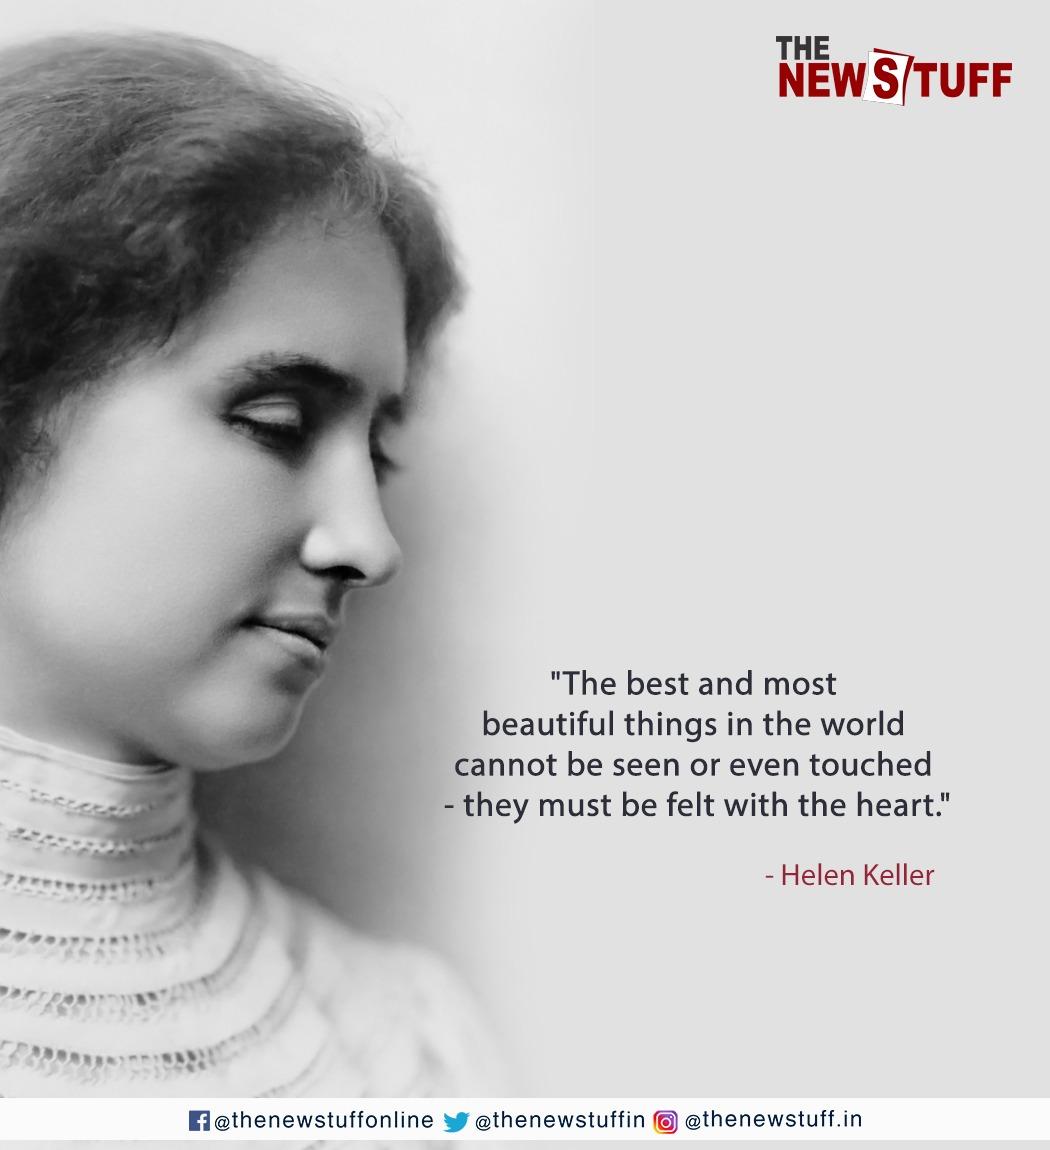 #MondayMotivation #MondayMotivaton #mondaythoughts #MondayMorning #MondayMood #MondayVibes #Monday #MotivationalQuotes #MotivationalMonday #quotes #quotesoftheday #HelenKeller